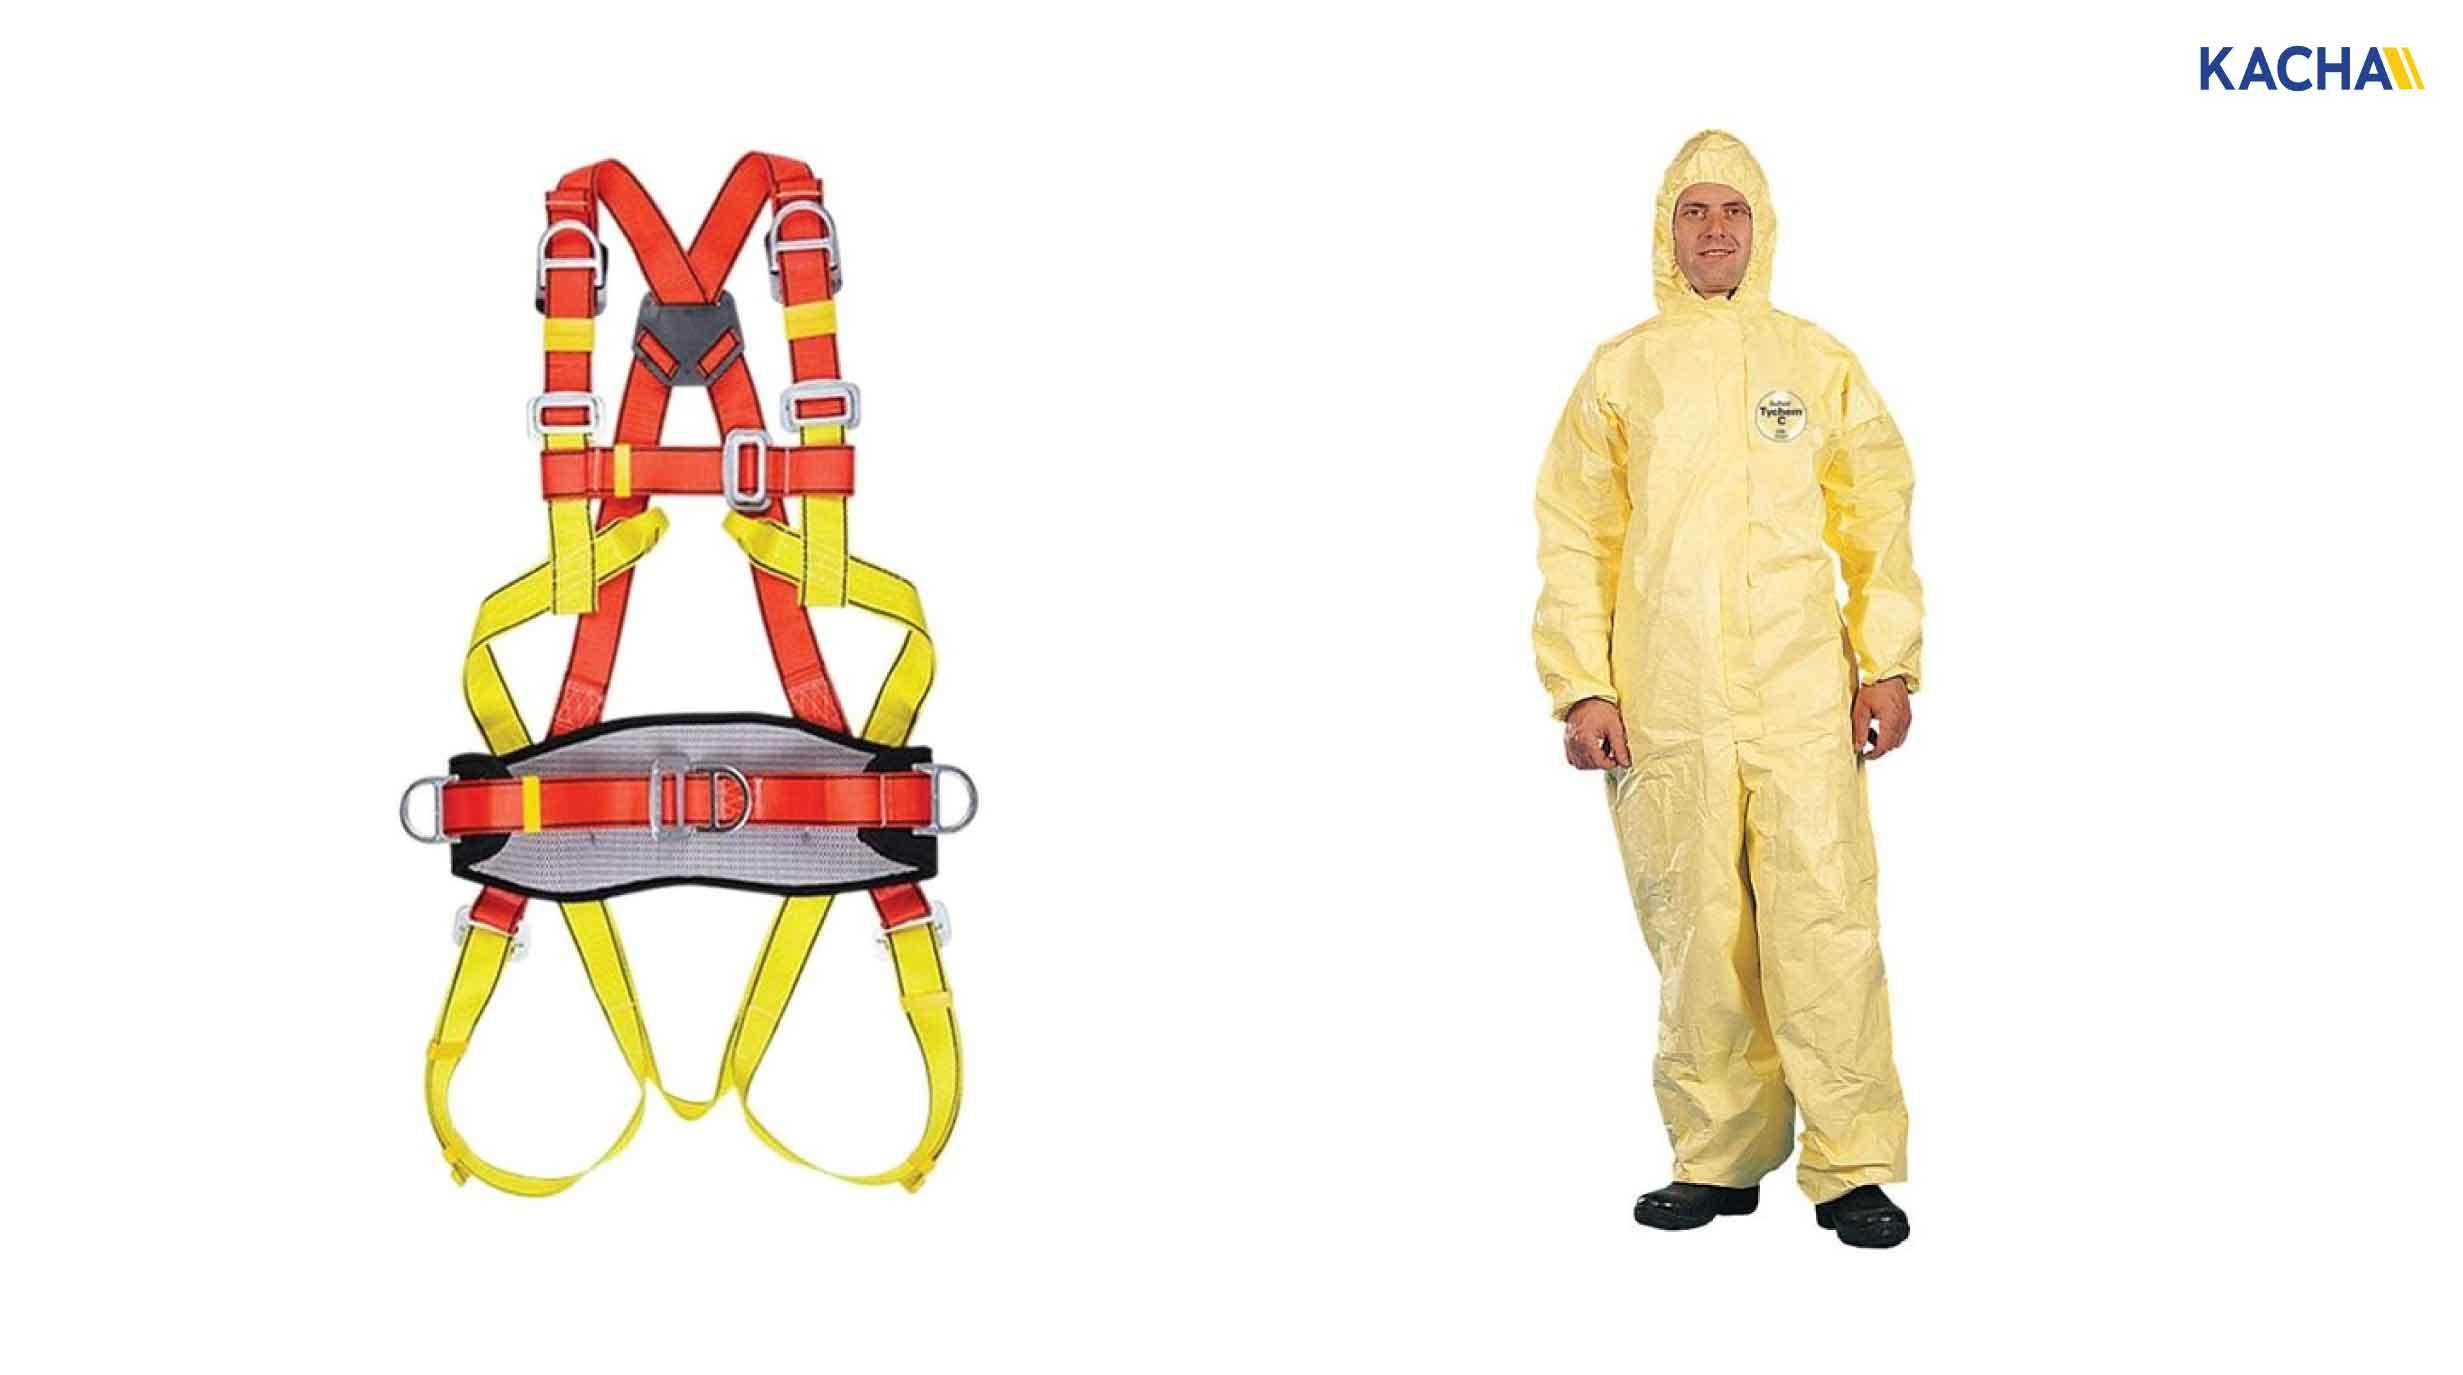 210616-Content-อุปกรณ์เซฟตี้-หรือ-PPE-คืออะไร05